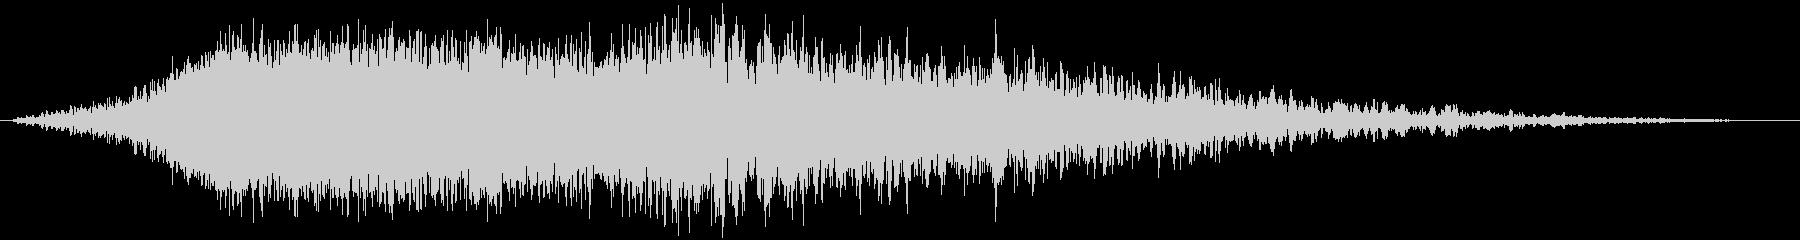 シューッという音EC07_84_5の未再生の波形